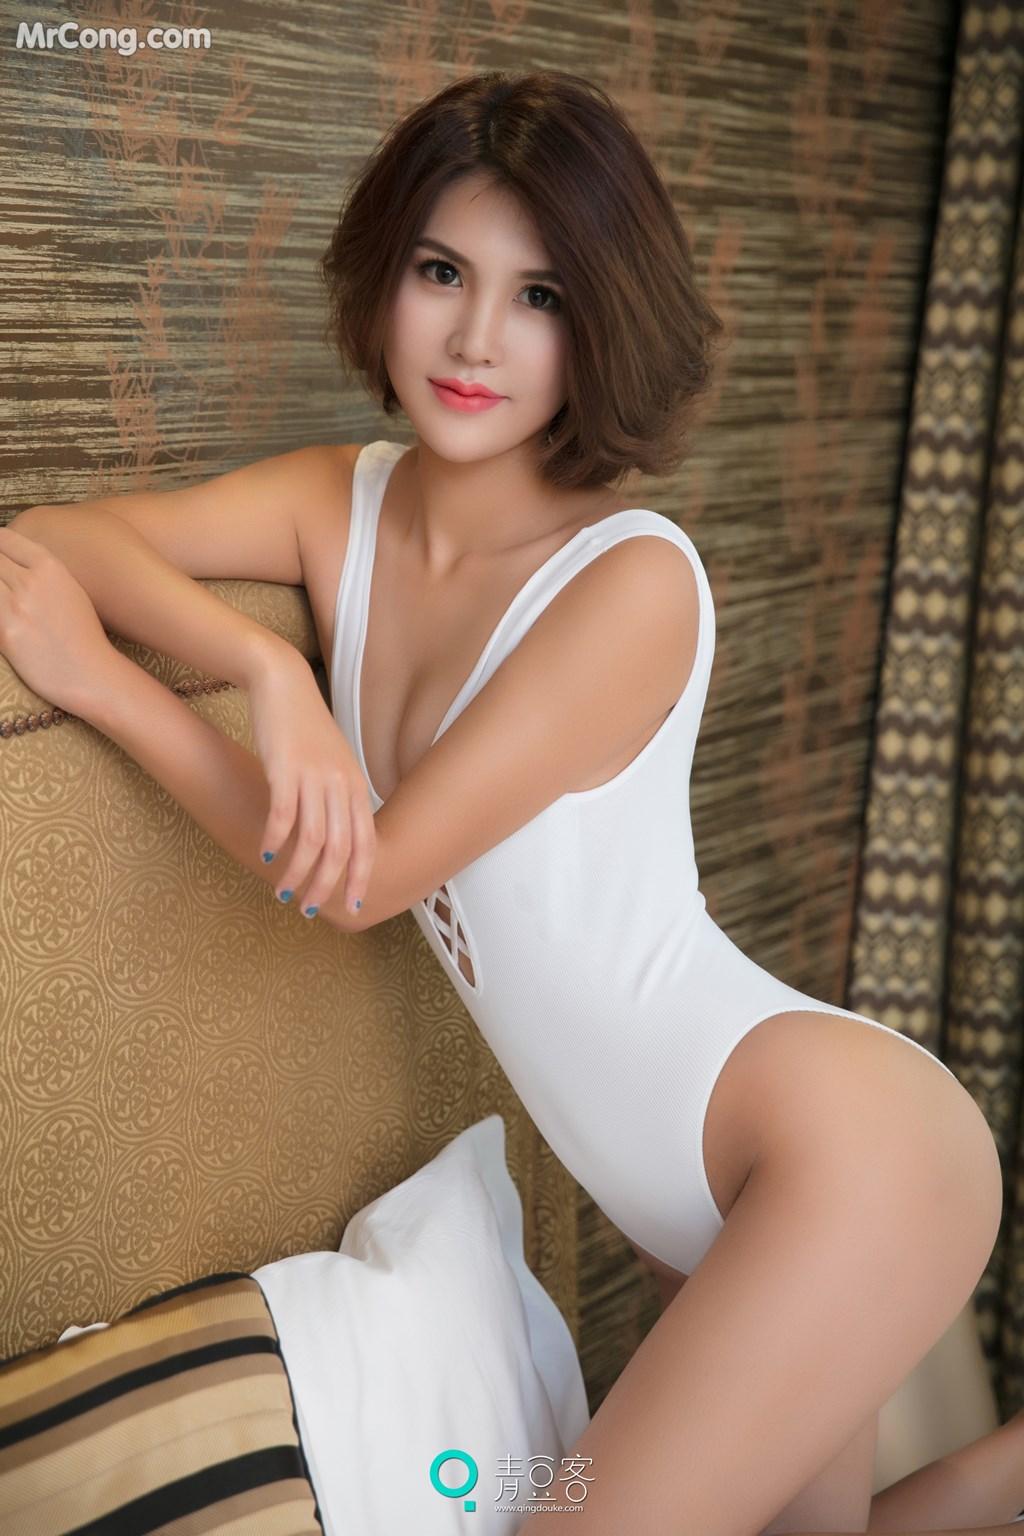 Image QingDouKe-2017-10-10-Yi-Nuo-MrCong.com-009 in post QingDouKe 2017-10-10: Người mẫu Yi Nuo (依诺) (54 ảnh)